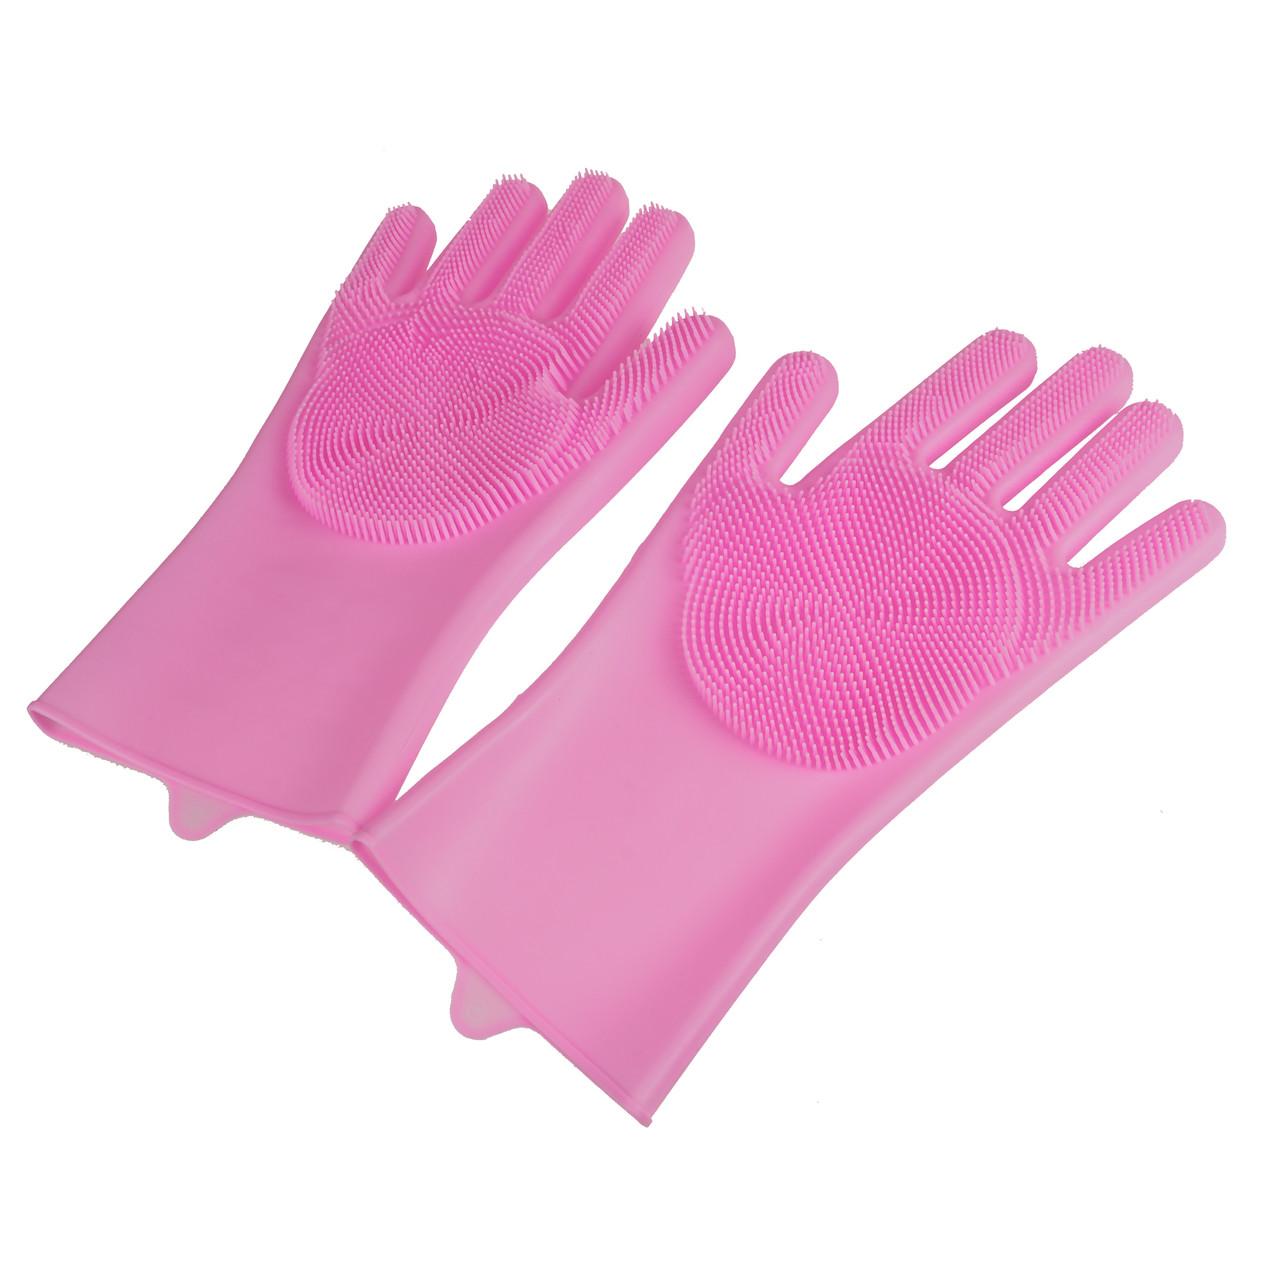 Силиконовые перчатки для мытья посуды. Черная пятница!